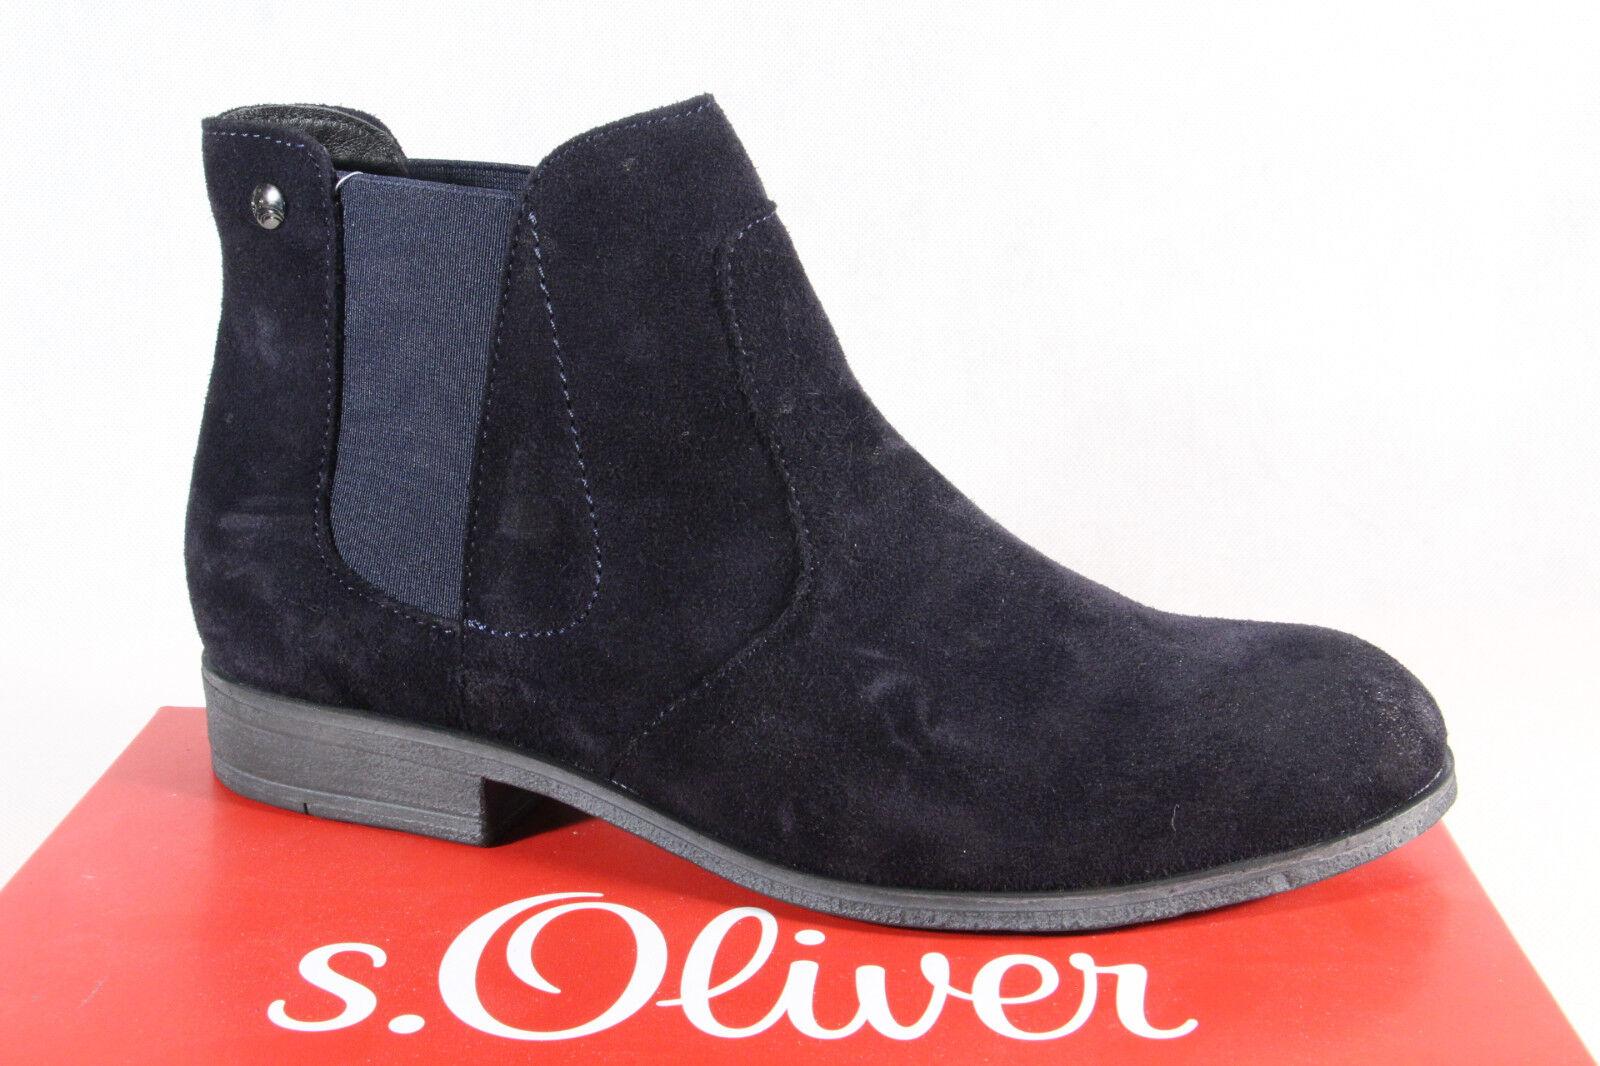 S.Oliver Damen Stiefel Stiefelette blau Stiefel